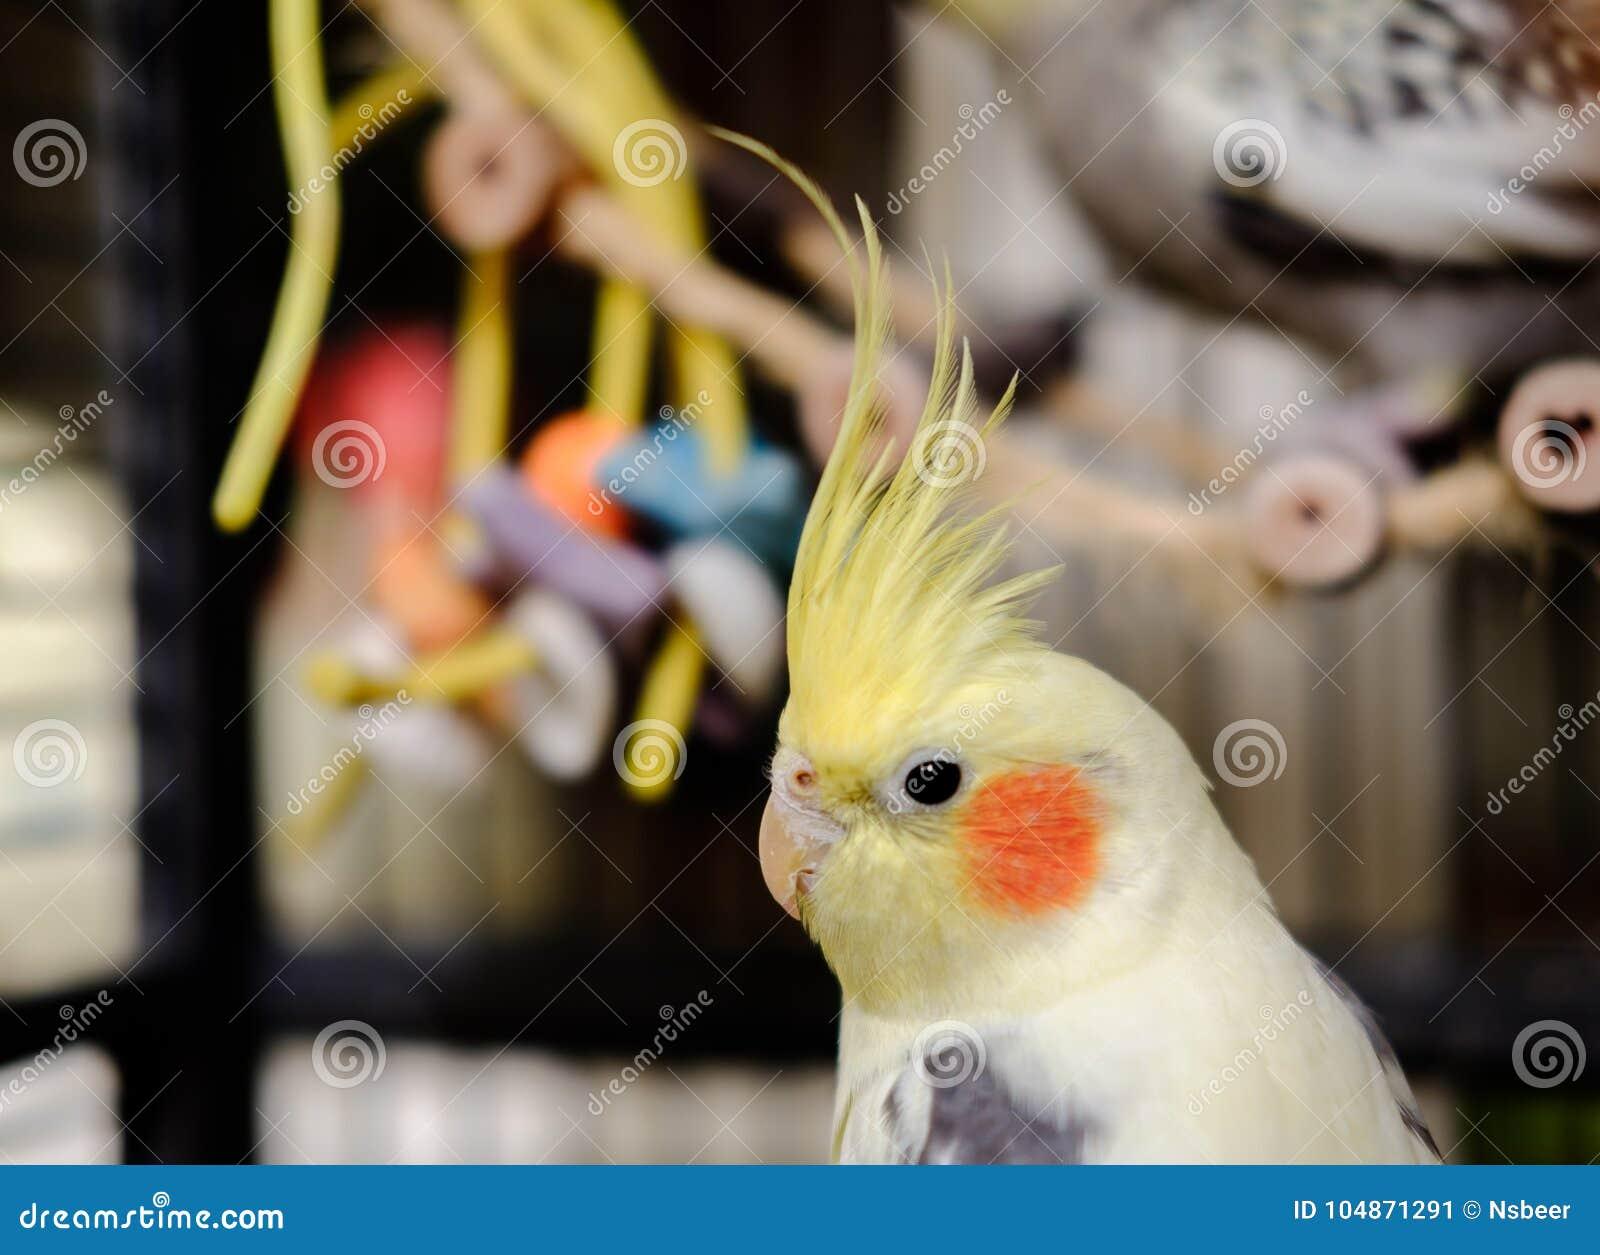 Μεγάλο πουλί αναπαραγωγής